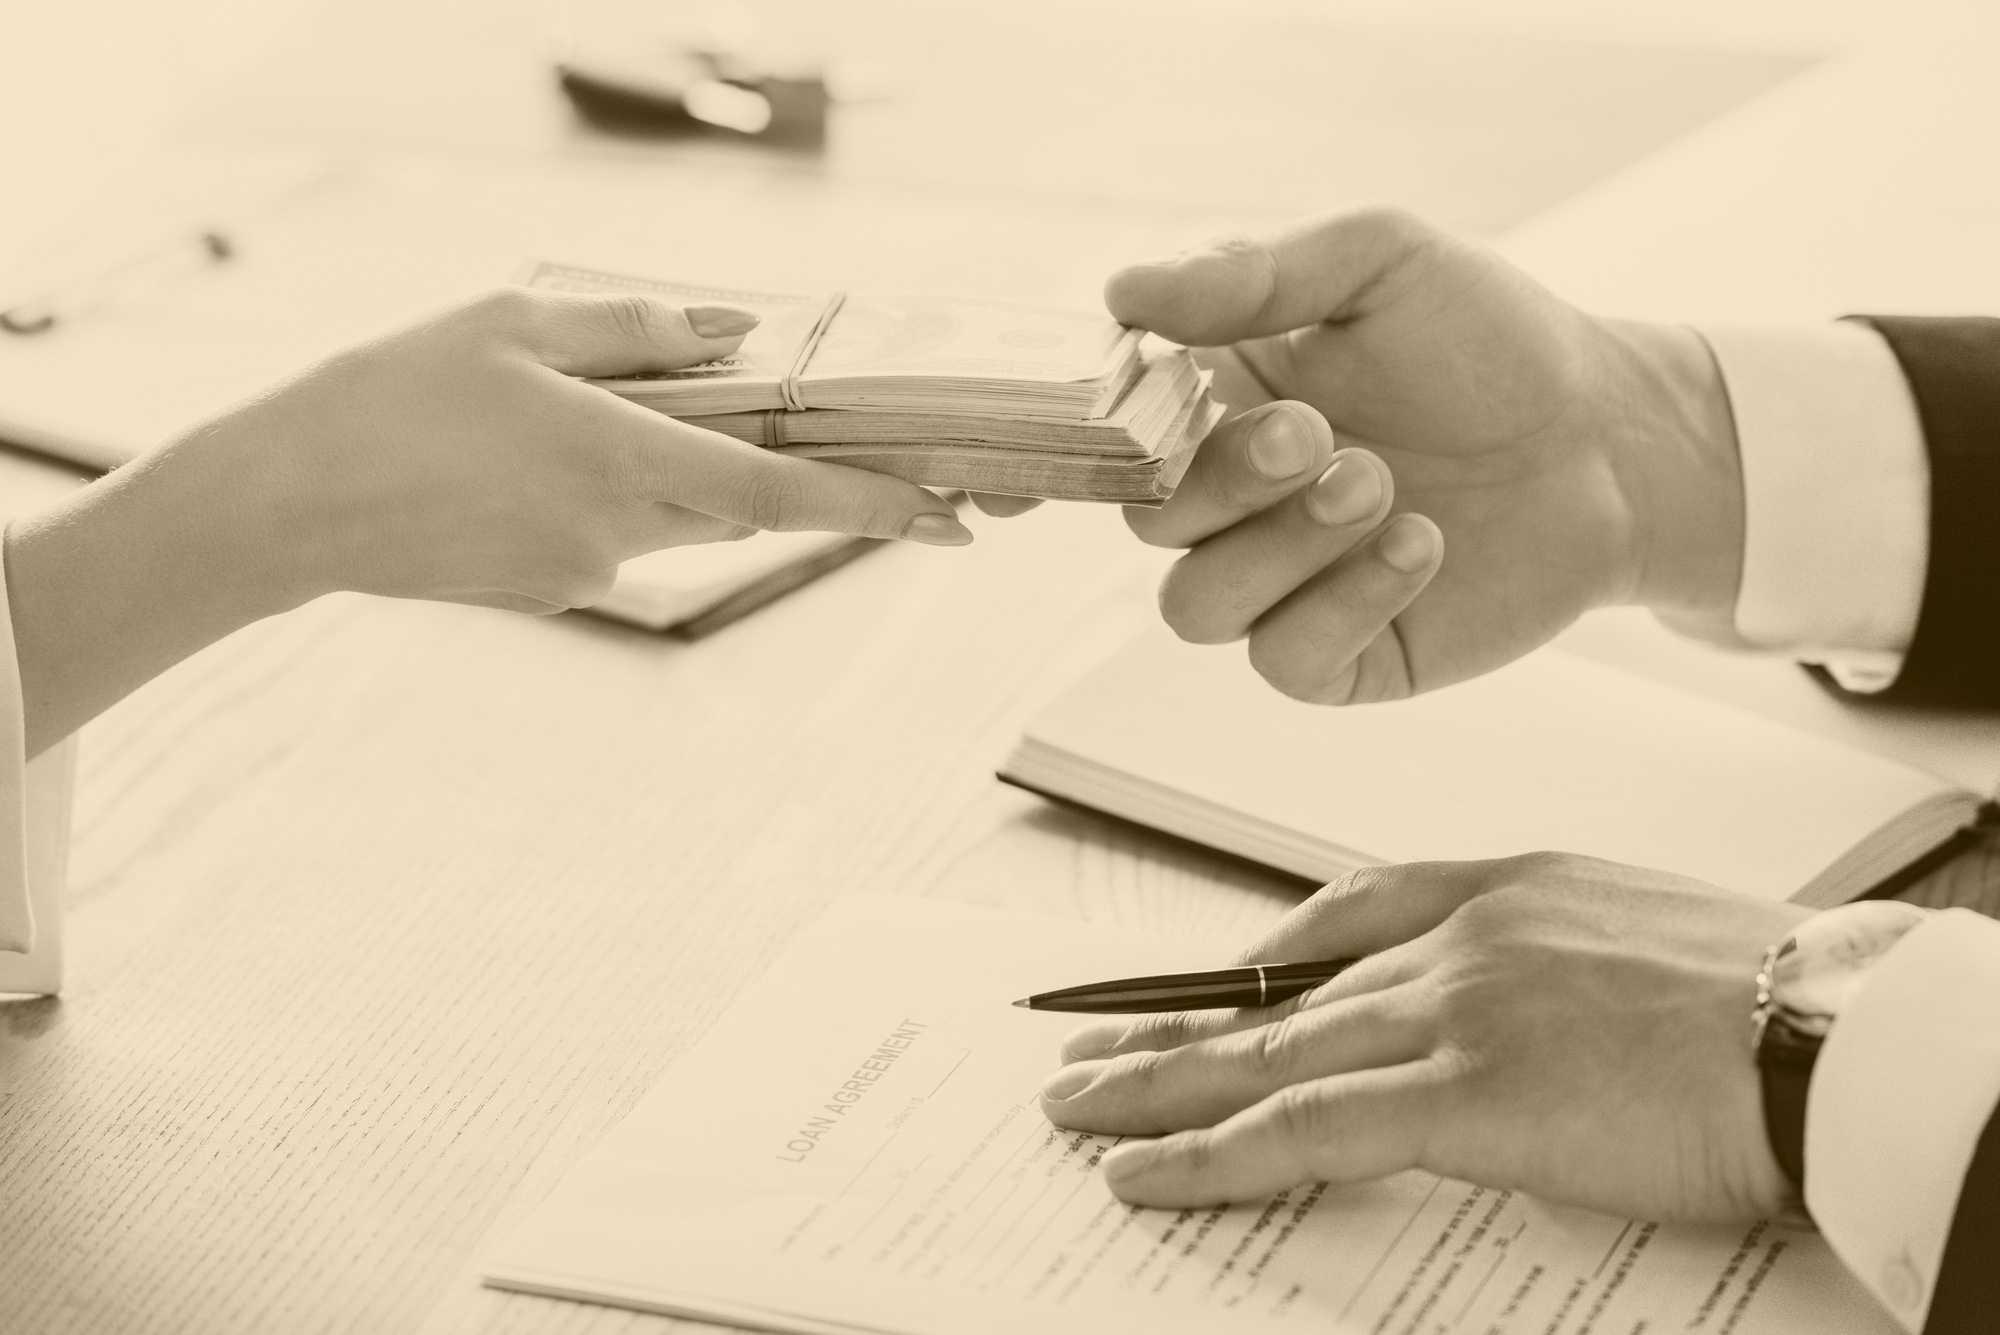 кредитной истории клиента